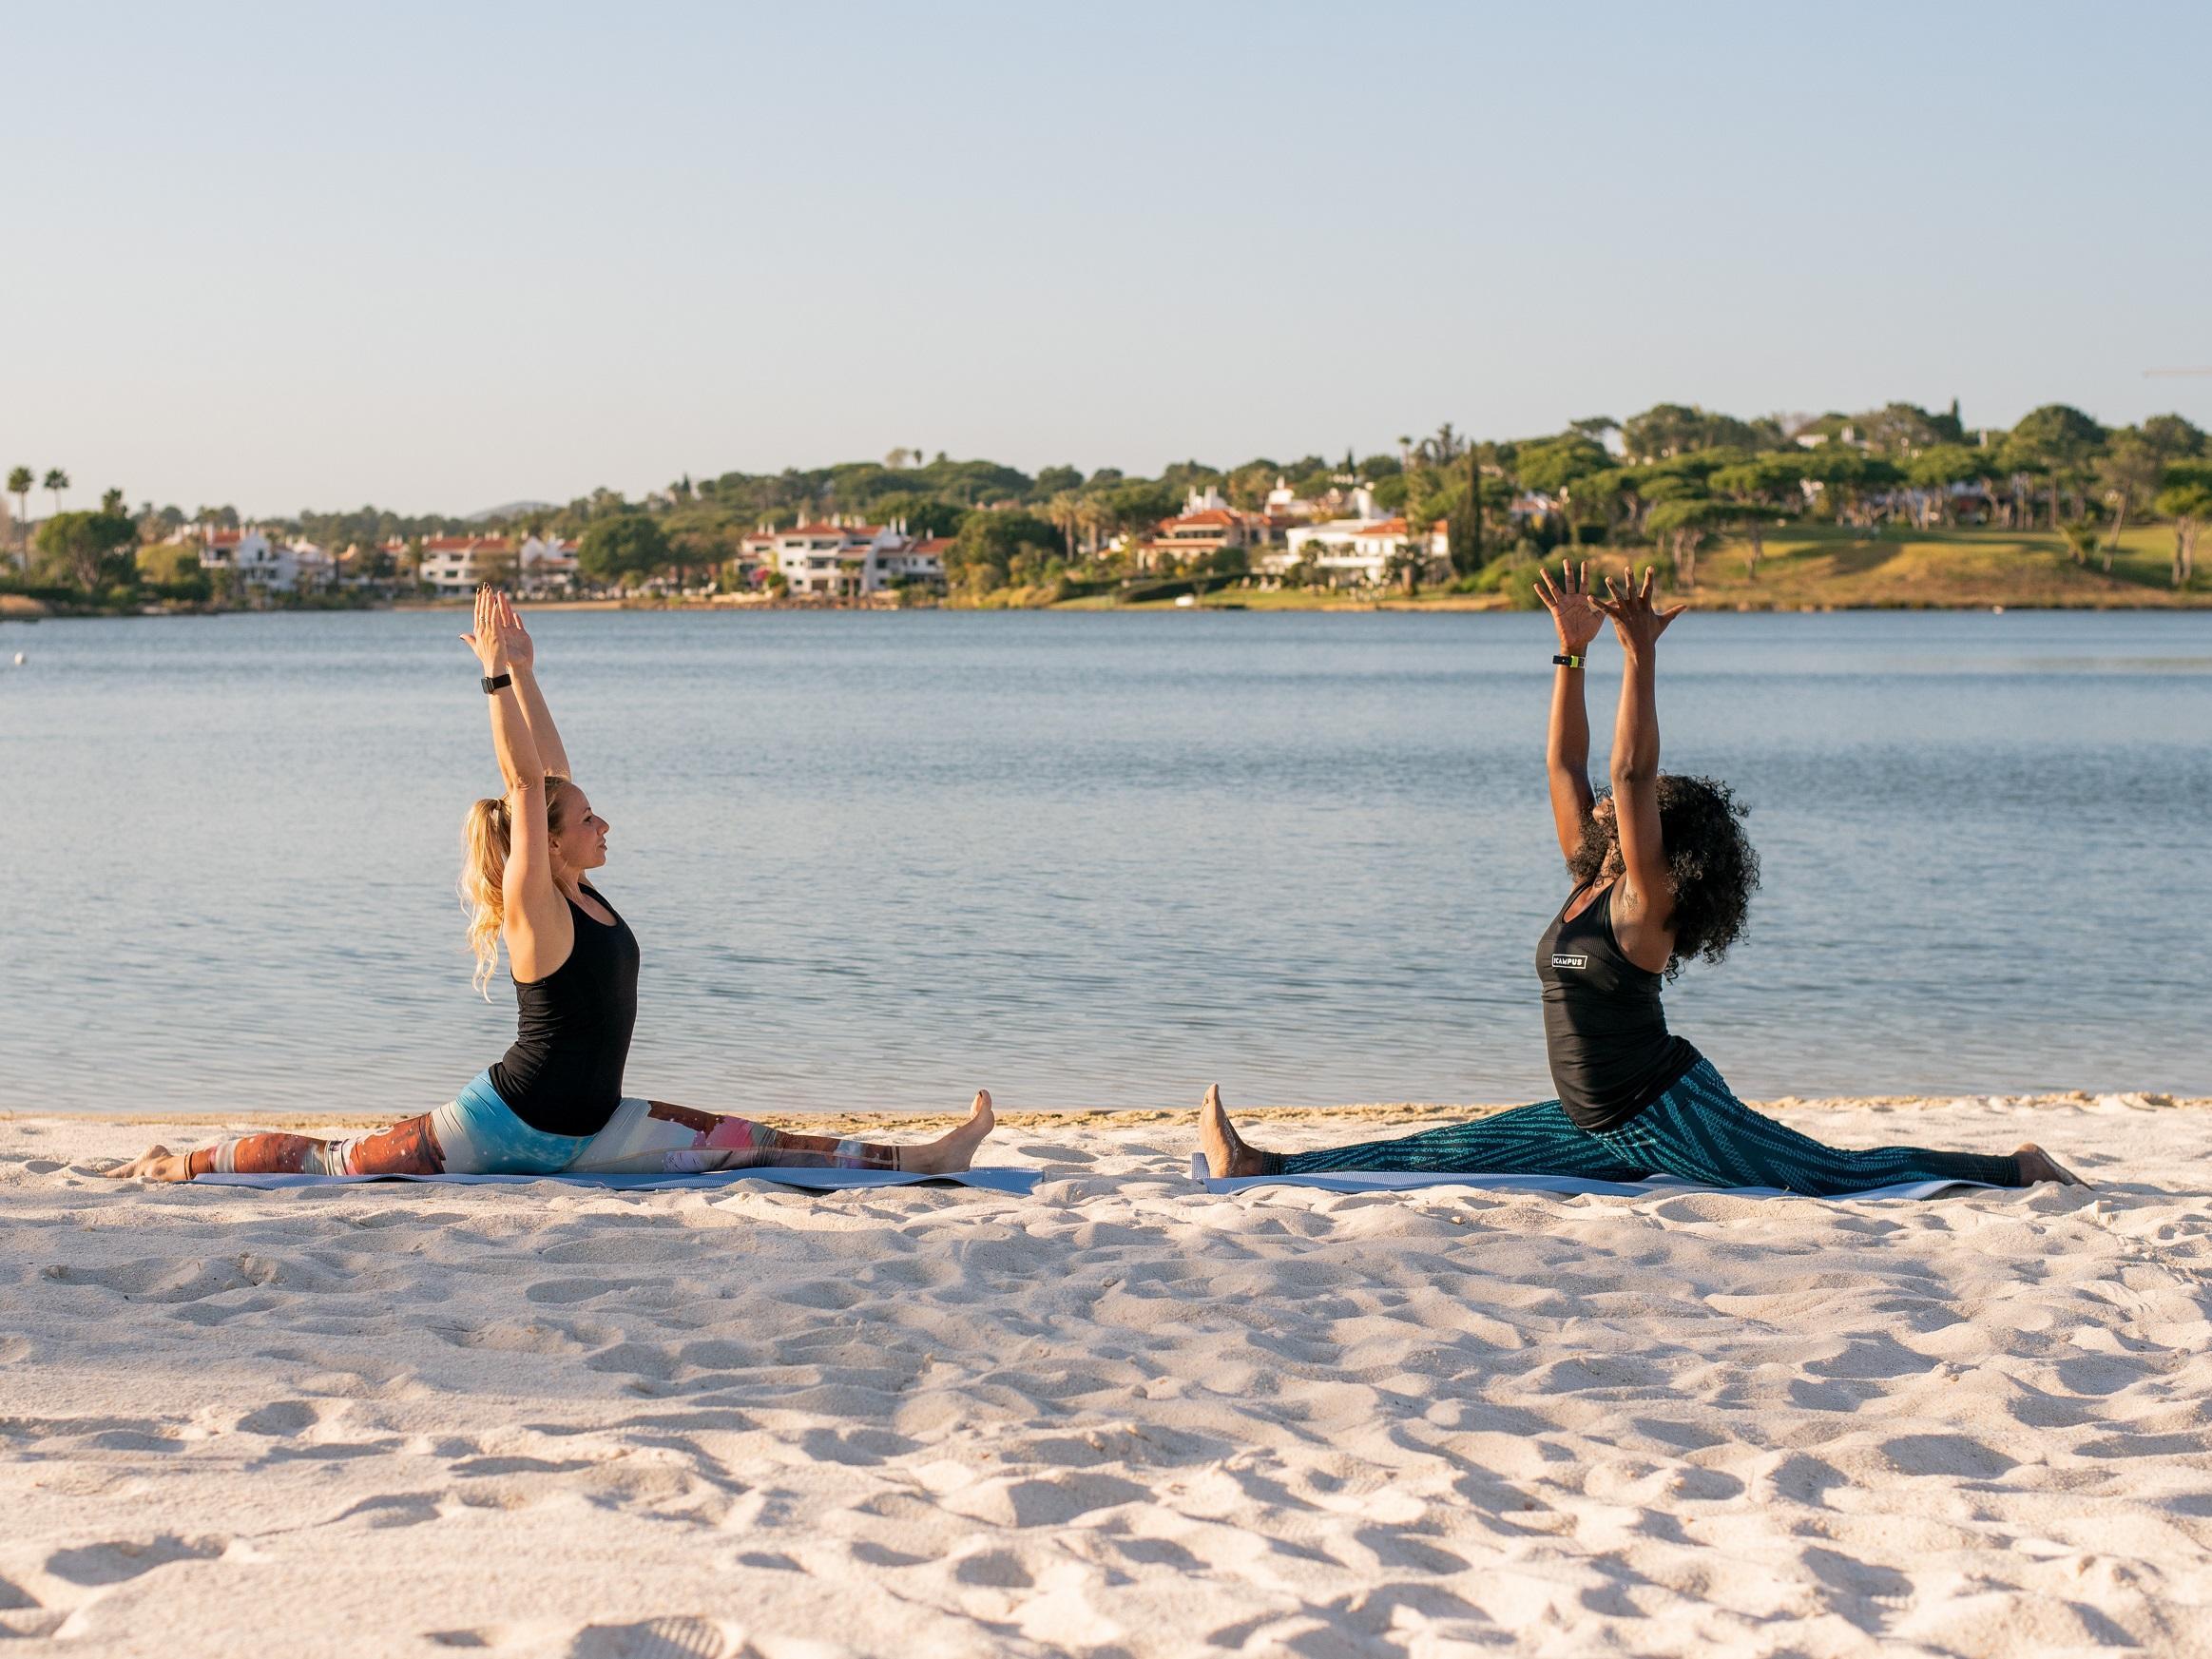 Beachside Yoga Event -  The Magnolia Hotel